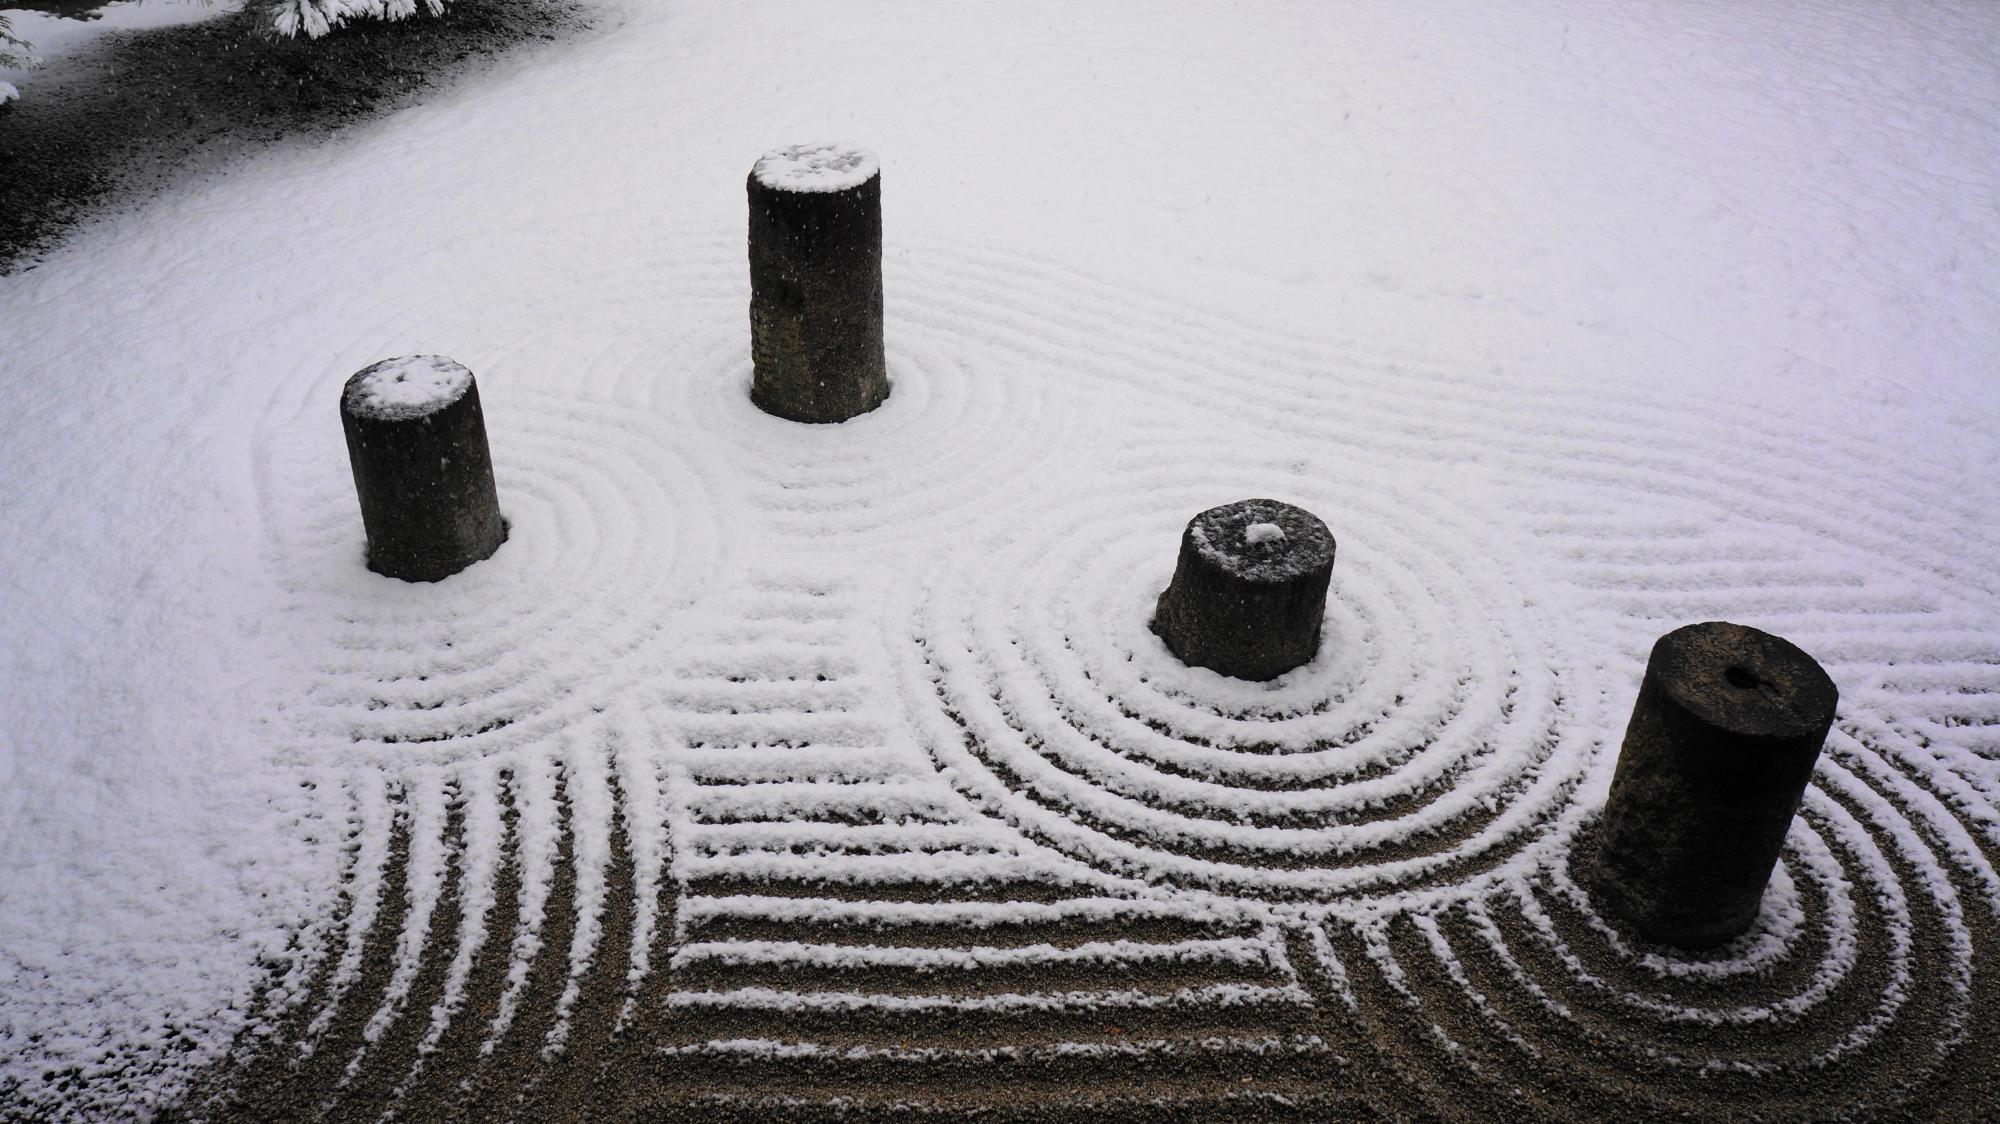 石の円柱で北斗七星が表現された雪の東庭